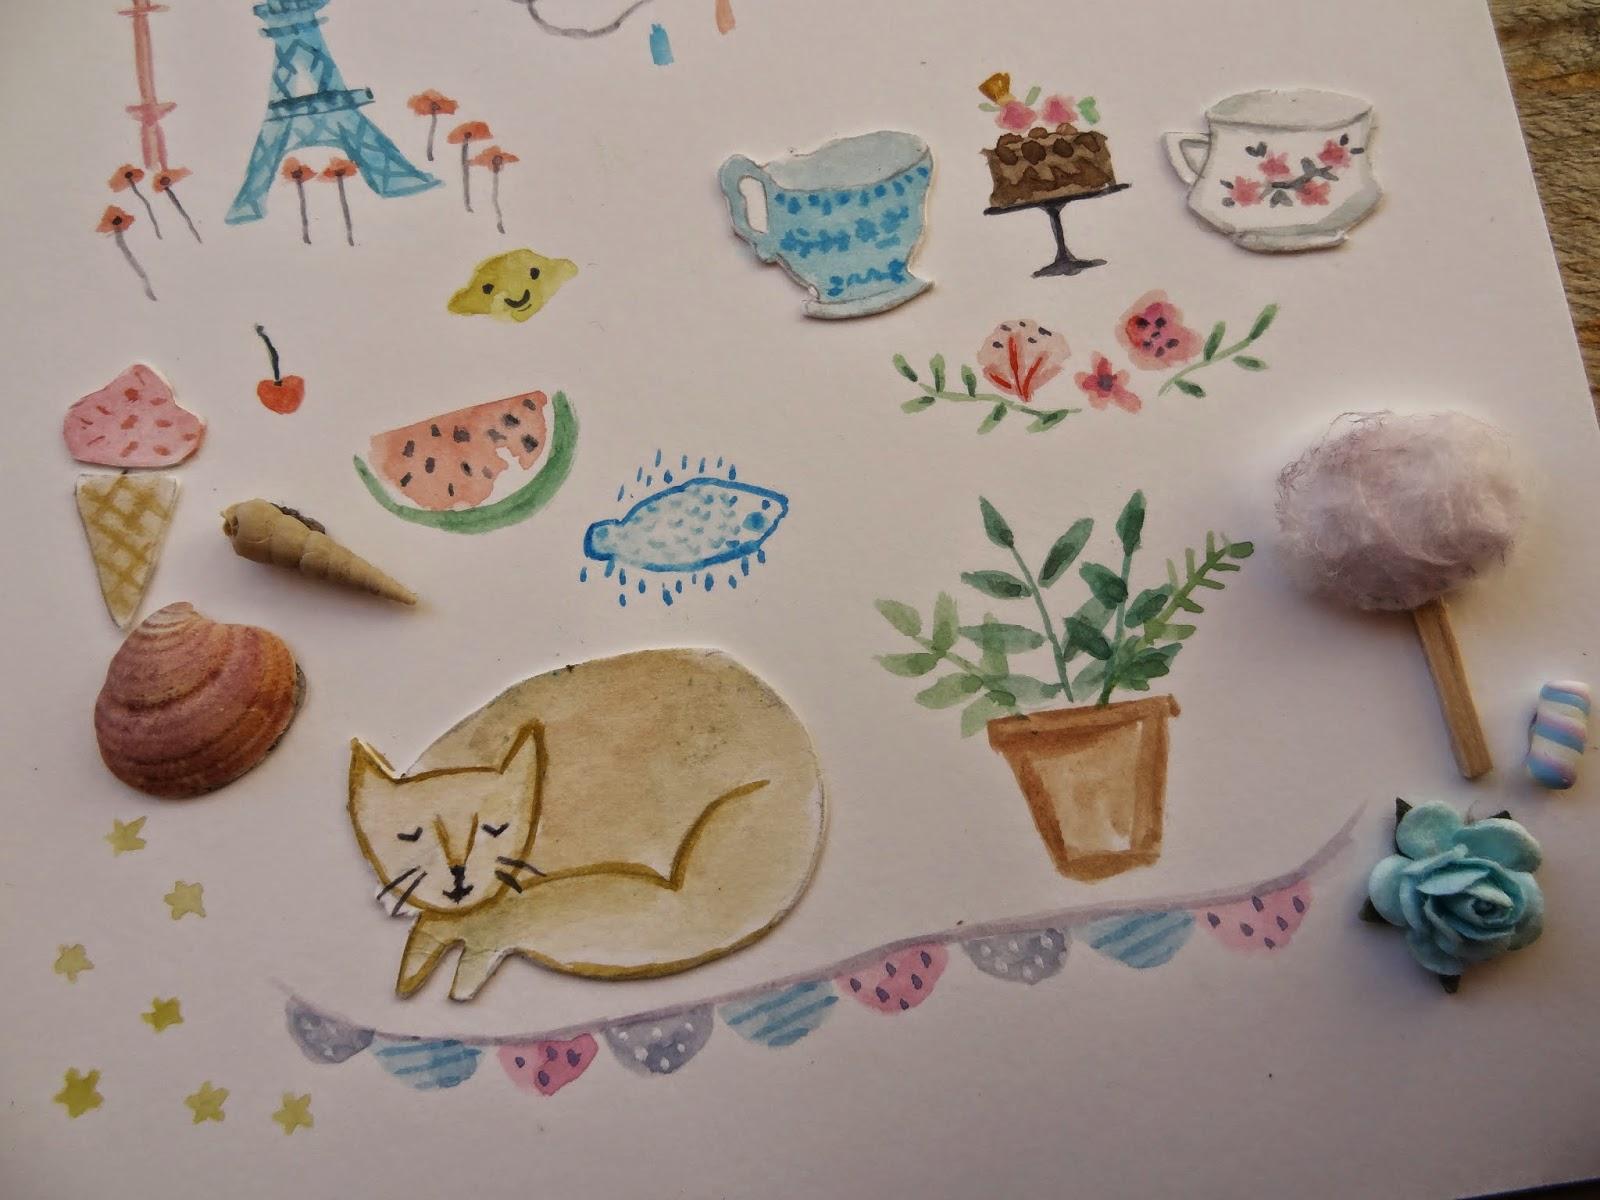 flowers flores gato cat stars ilustraciones dibujo paint ilustracion paper flower cherry lemon limón cereza